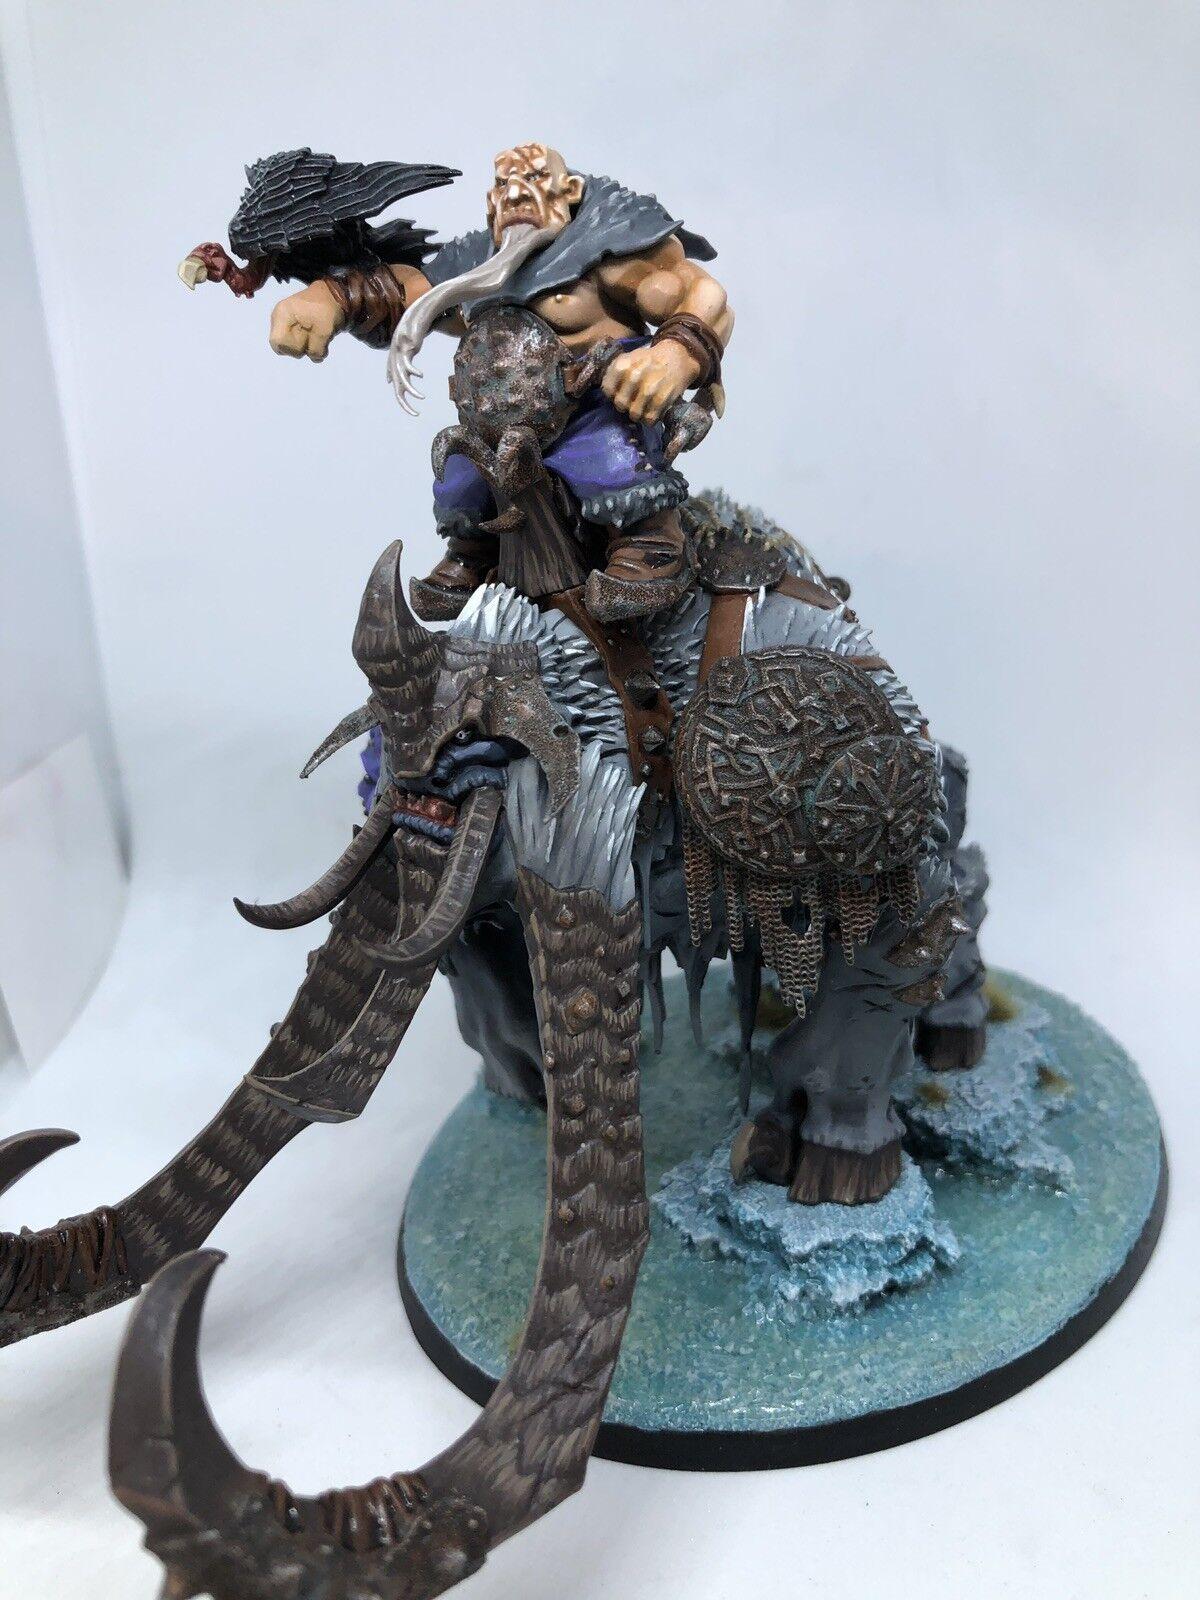 Warhammer Age of Sigmar Ogre Kingdoms Beastclaw Huskard on Thundertusk Painted